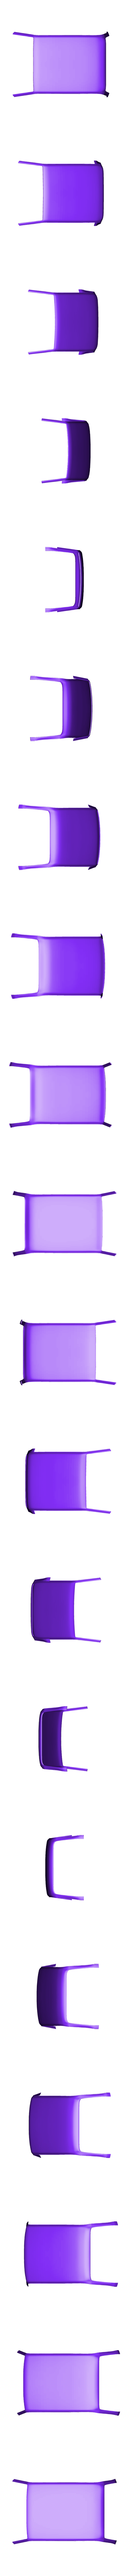 roof.STL Download STL file Lada Niva  • 3D printing template, serega1337